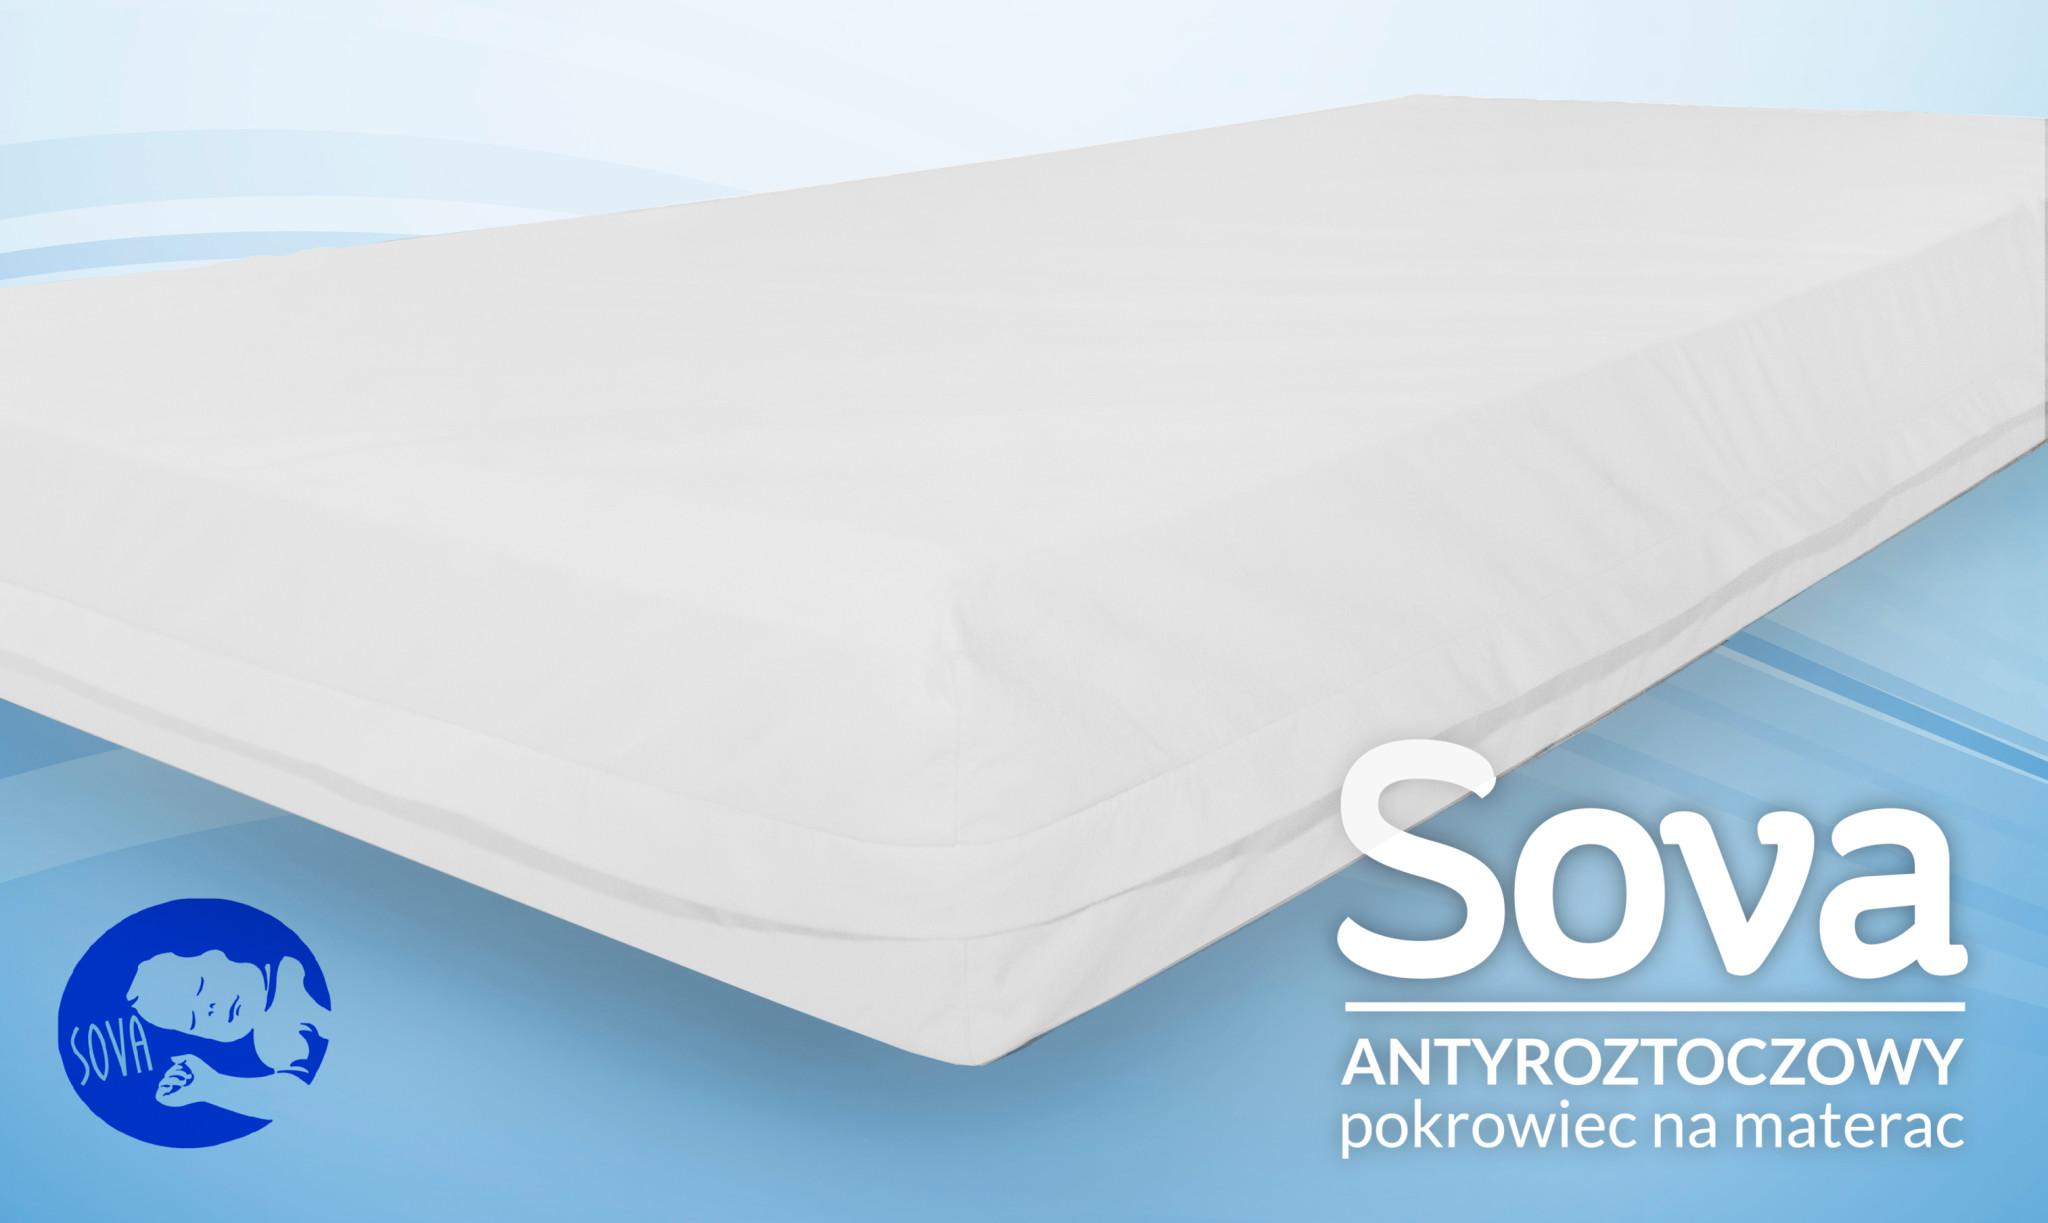 SOVA Antyalergiczny pokrowiec na materac